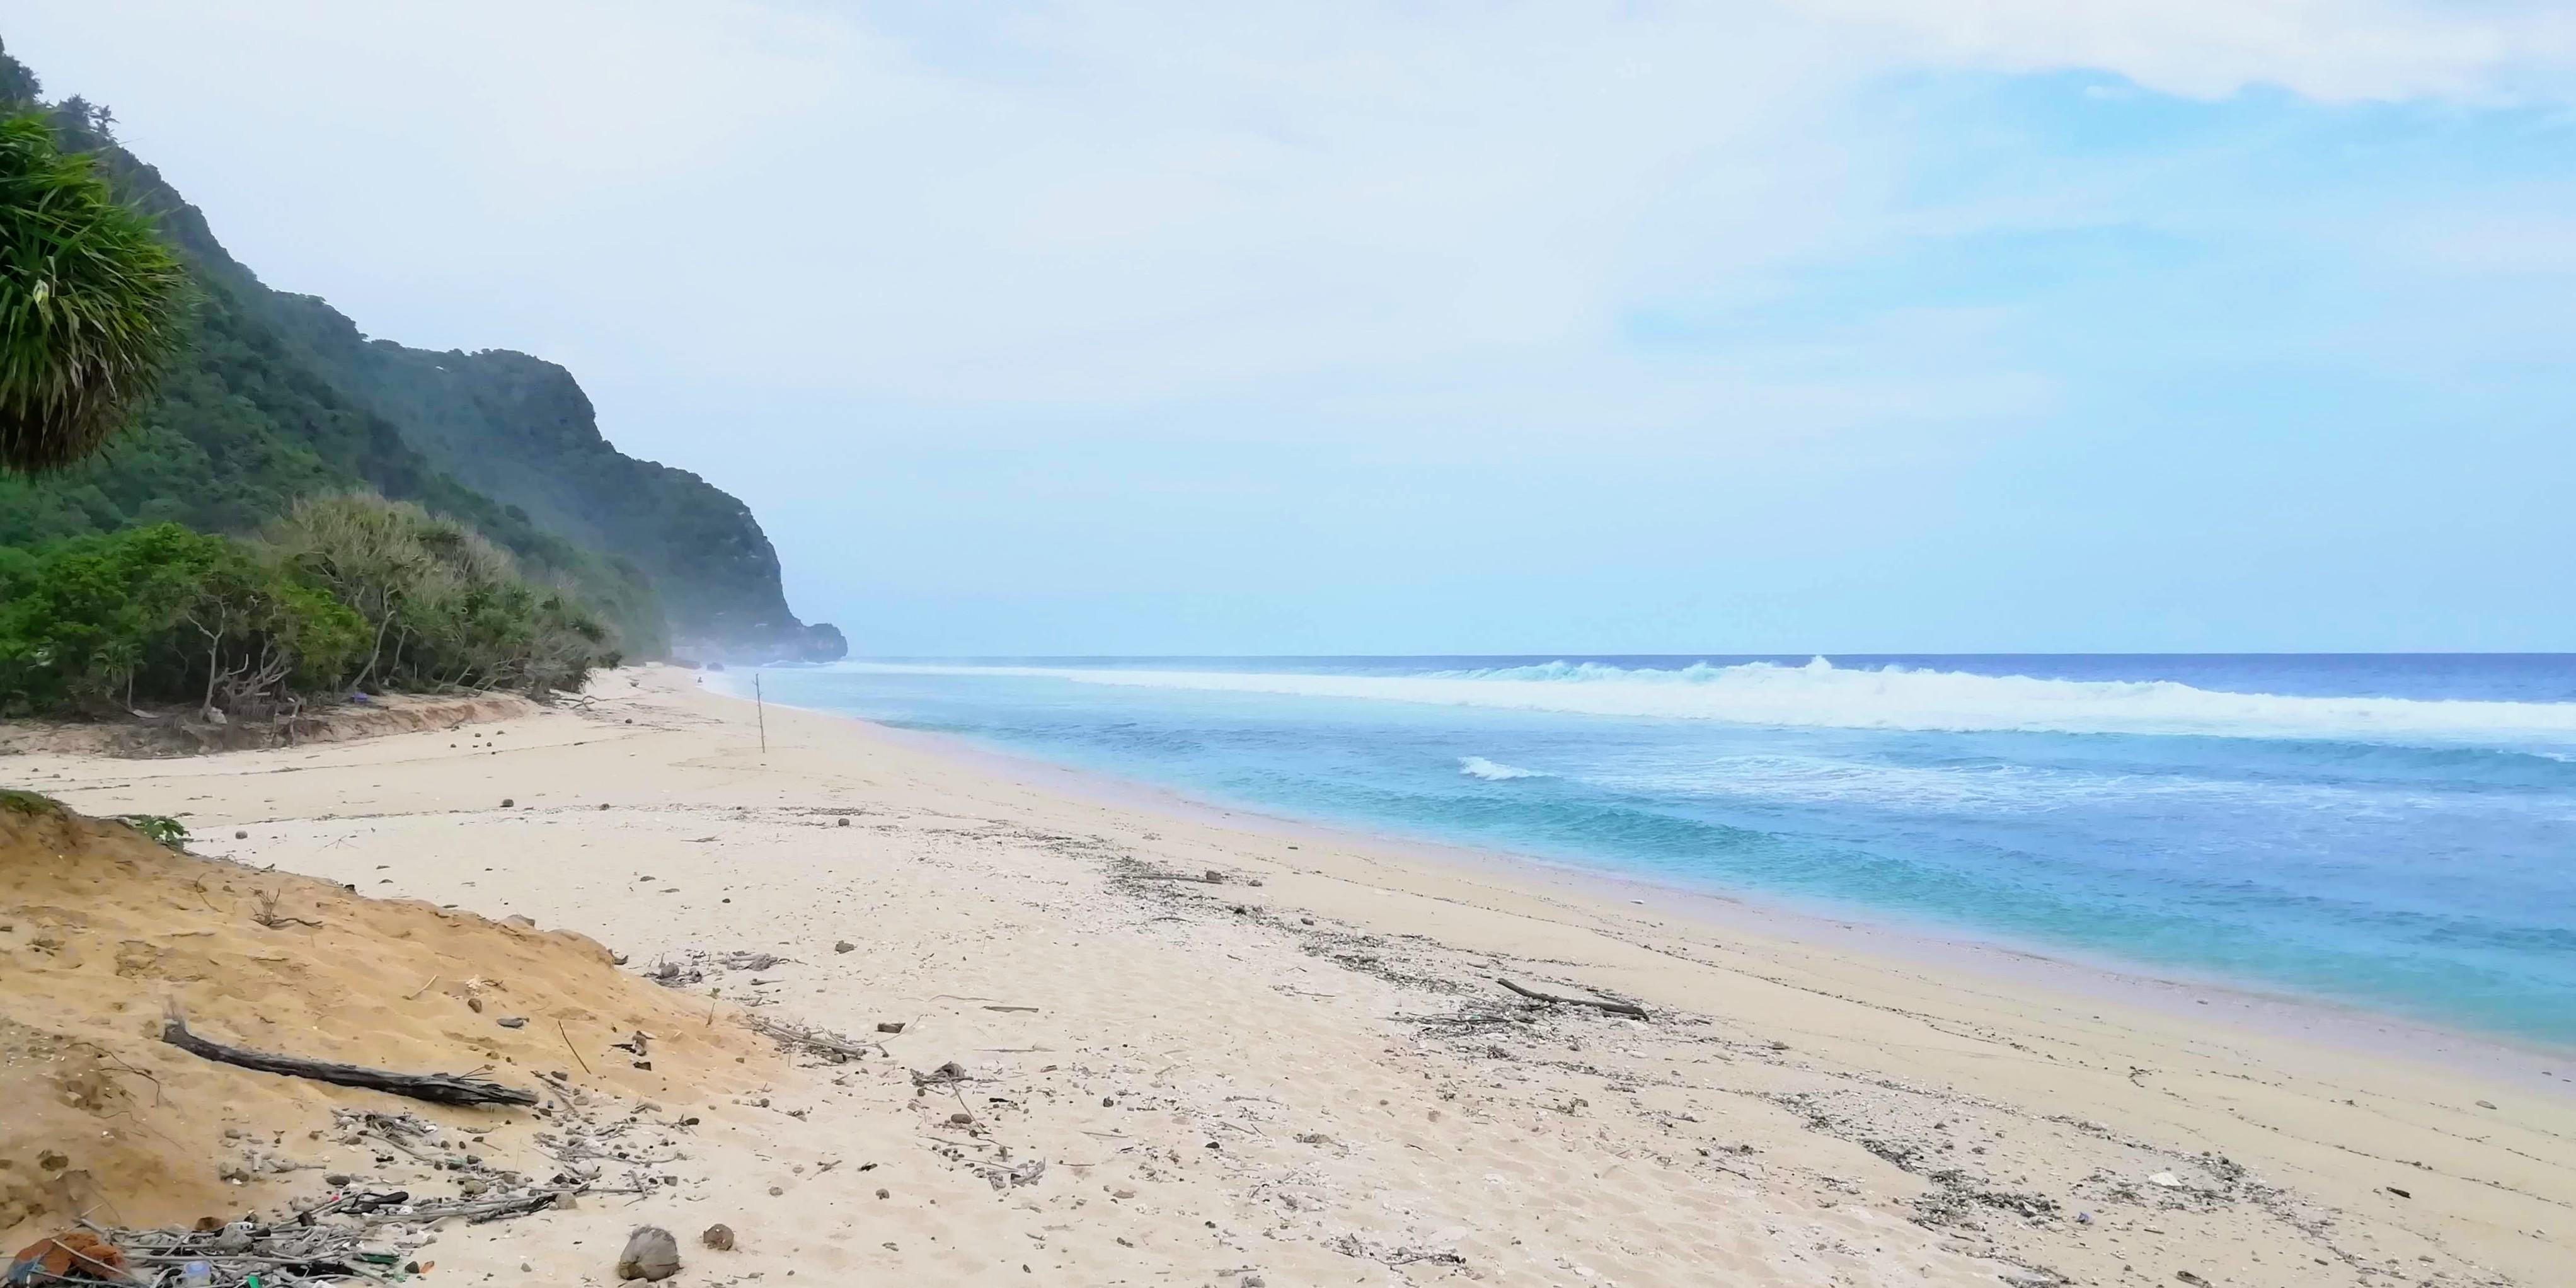 Pláž Nyang Nyang je často liduprázdná, protože se tu nedá koupat © Filip Altman